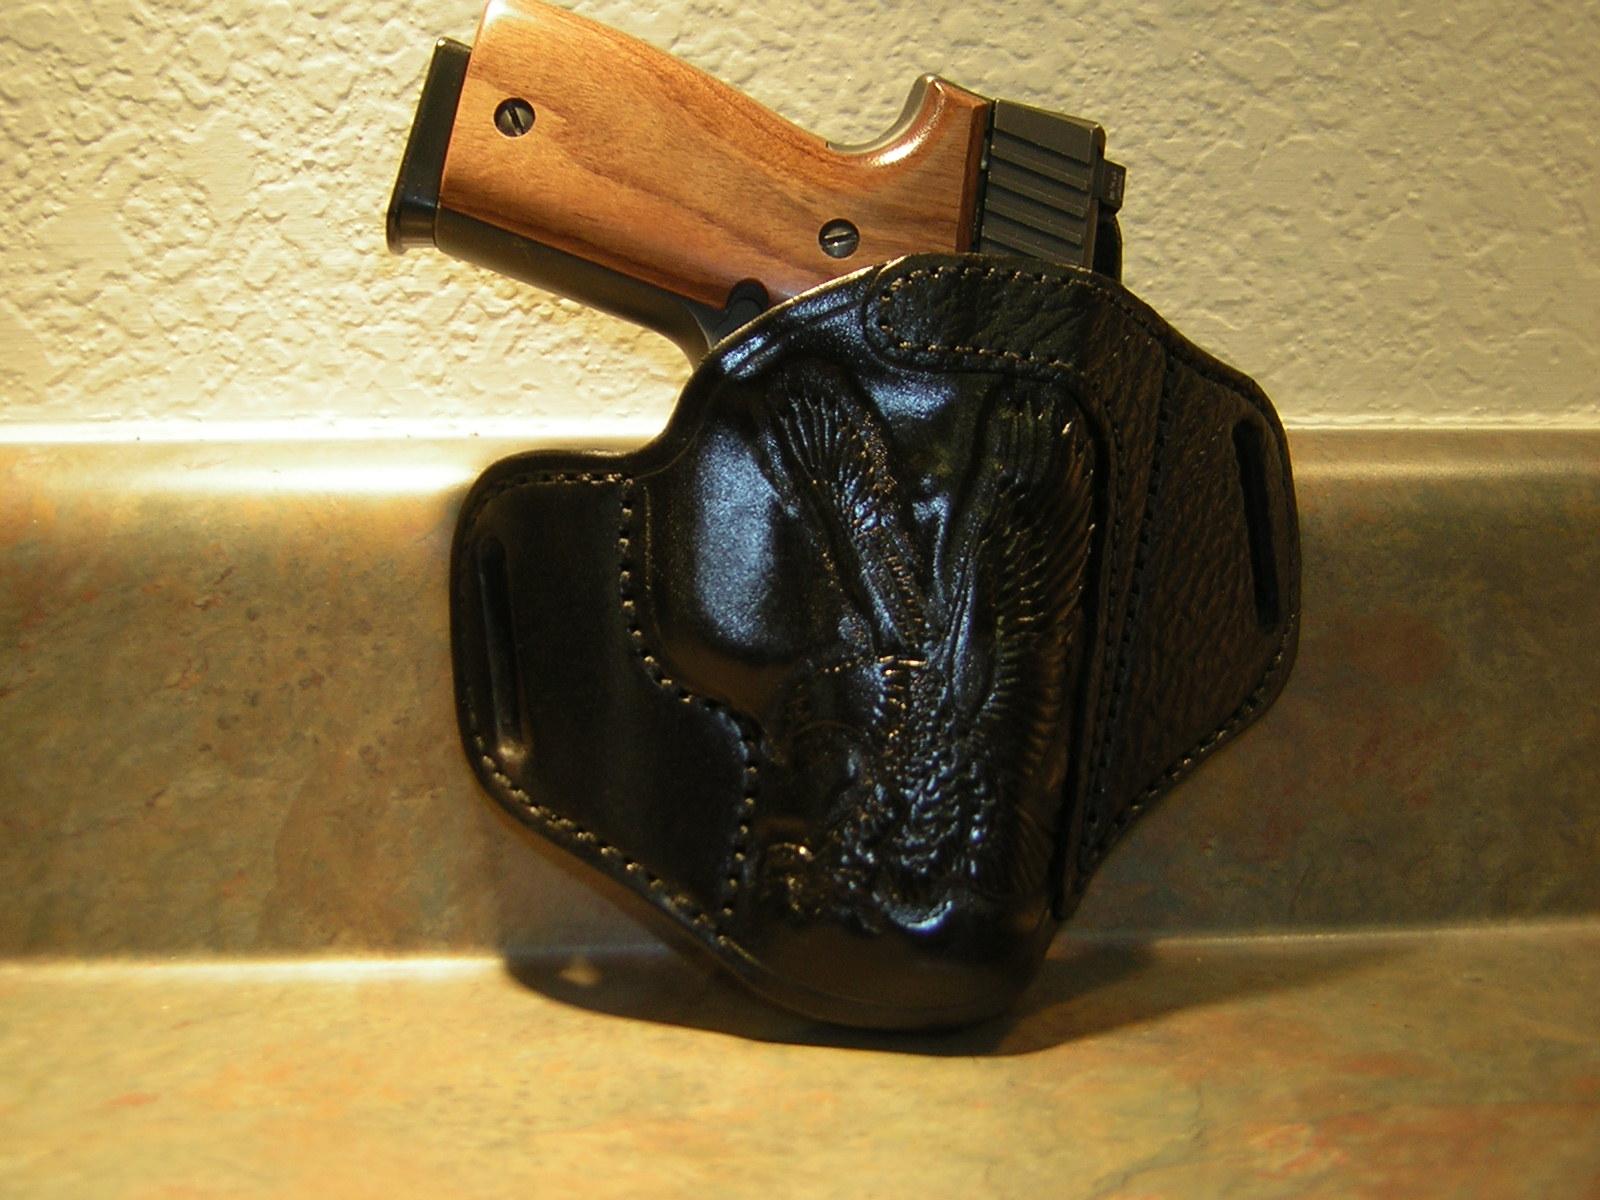 New K&D Holster and belt-dscn0430.jpg